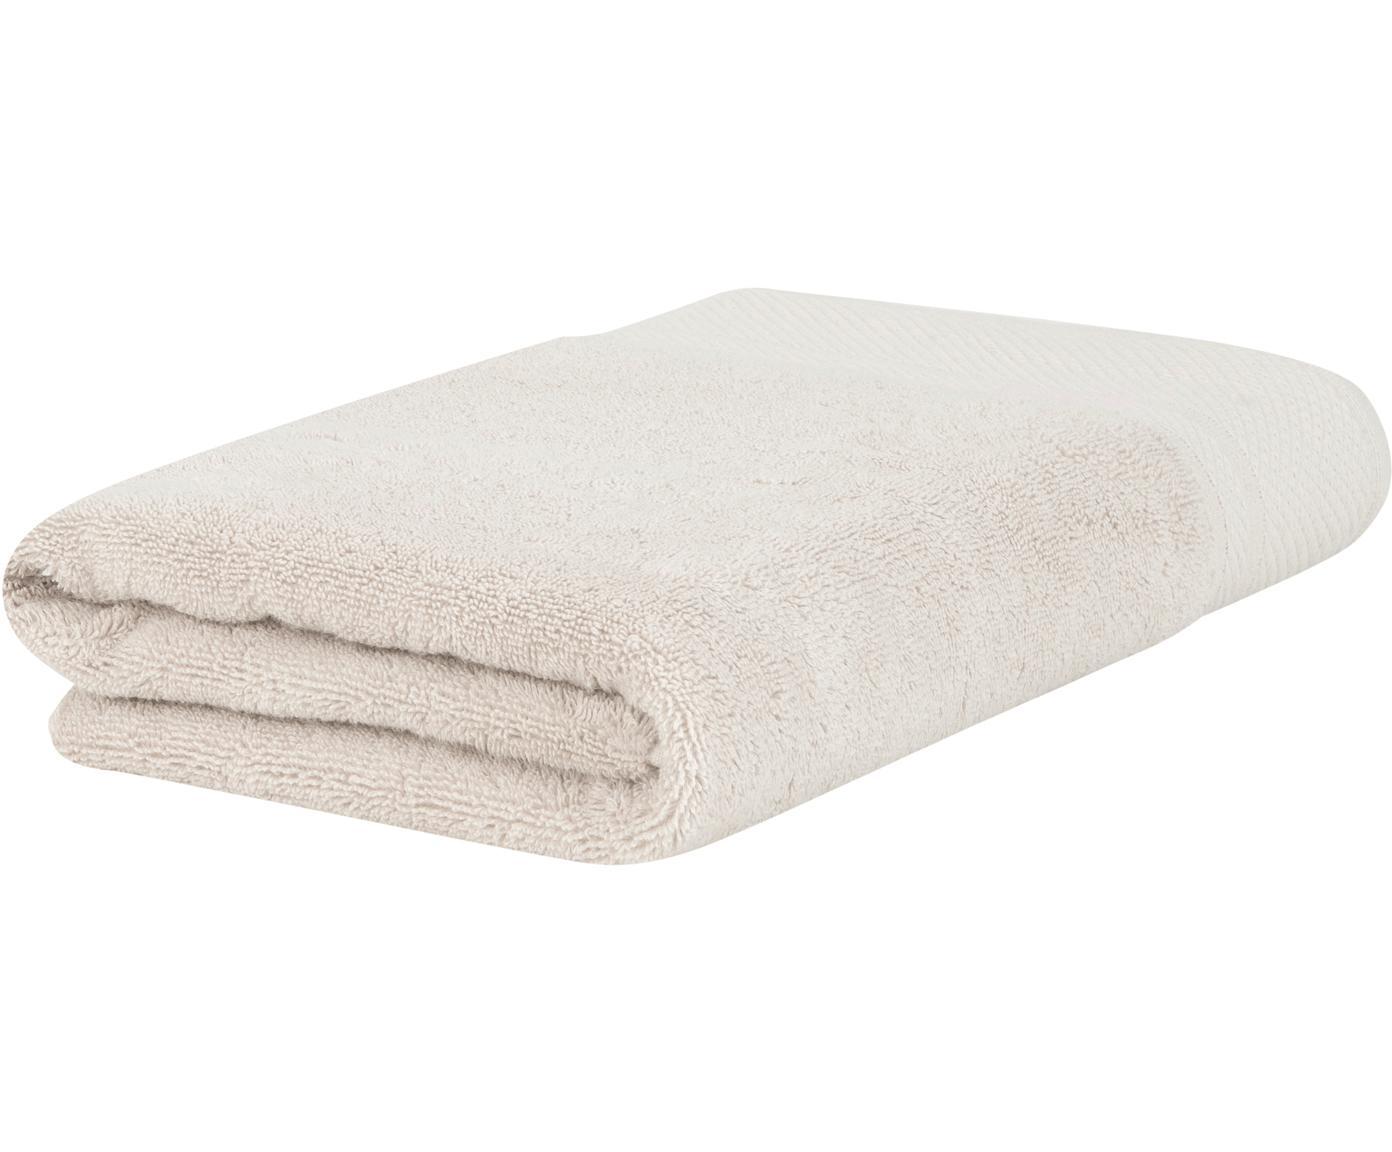 Ręcznik Premium, Beżowy, Ręcznik dla gości XS